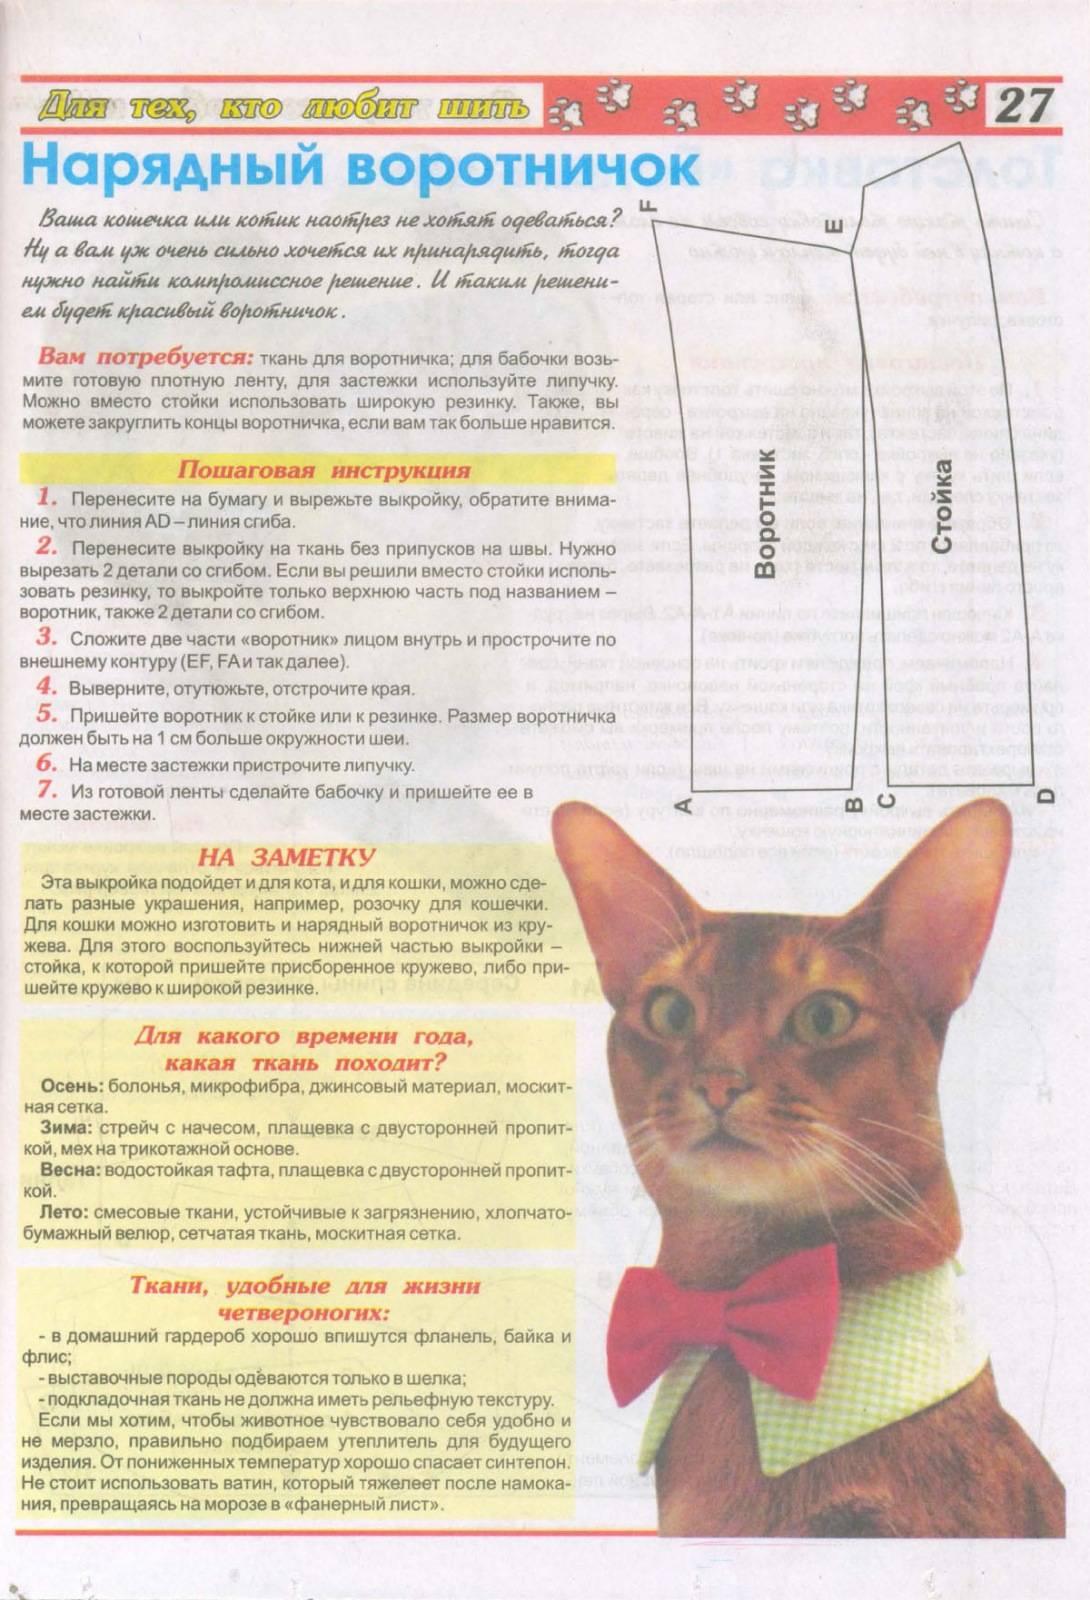 Защитный воротник для кошки: зачем нужен, как выбрать в магазине и как сделать самостоятельно